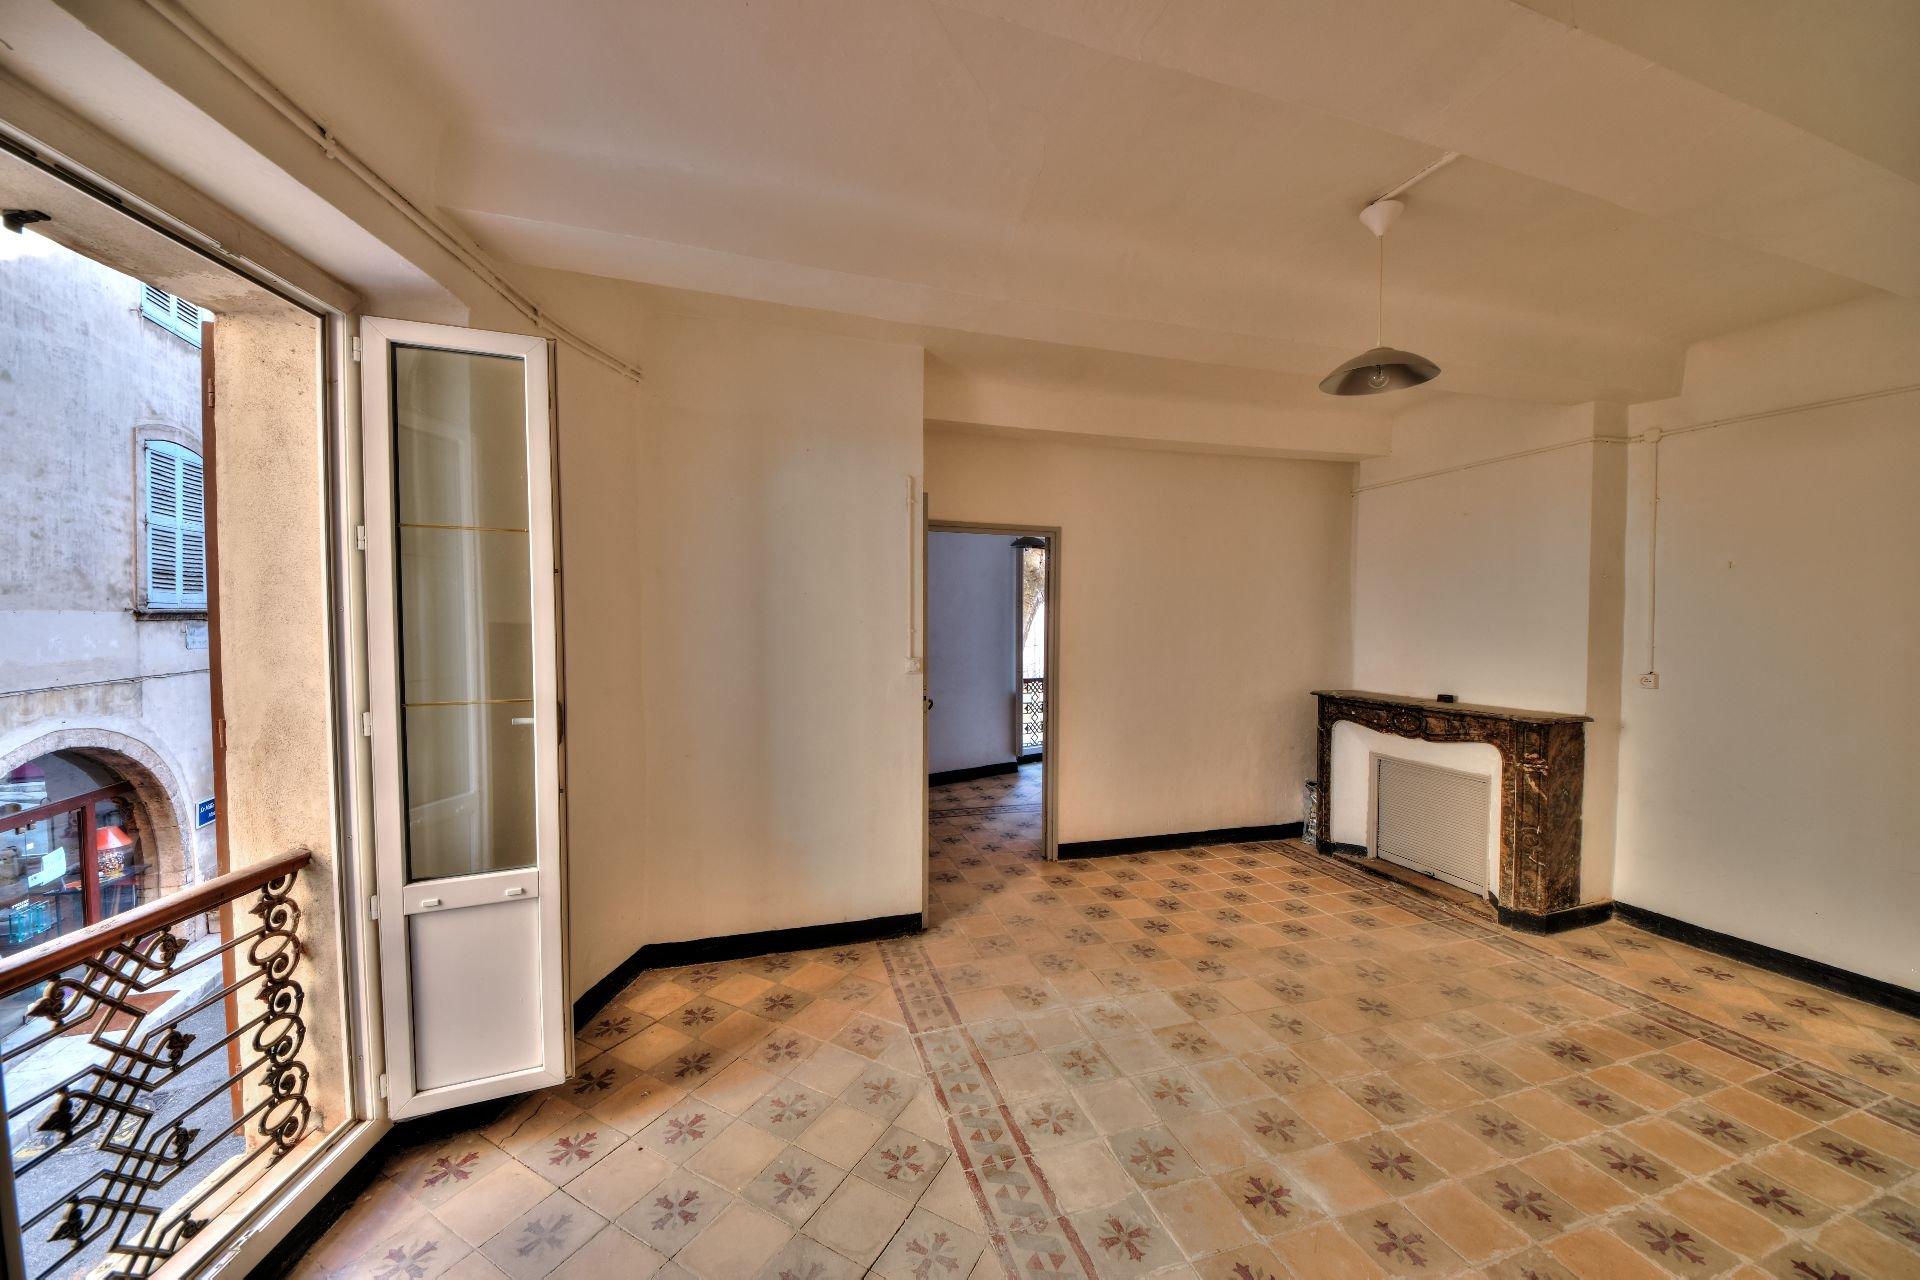 Séjour de l'appartement deux pièces 1er étage dans Immeuble de trois appartements + un studio à rénover, Aups, Var, Provence